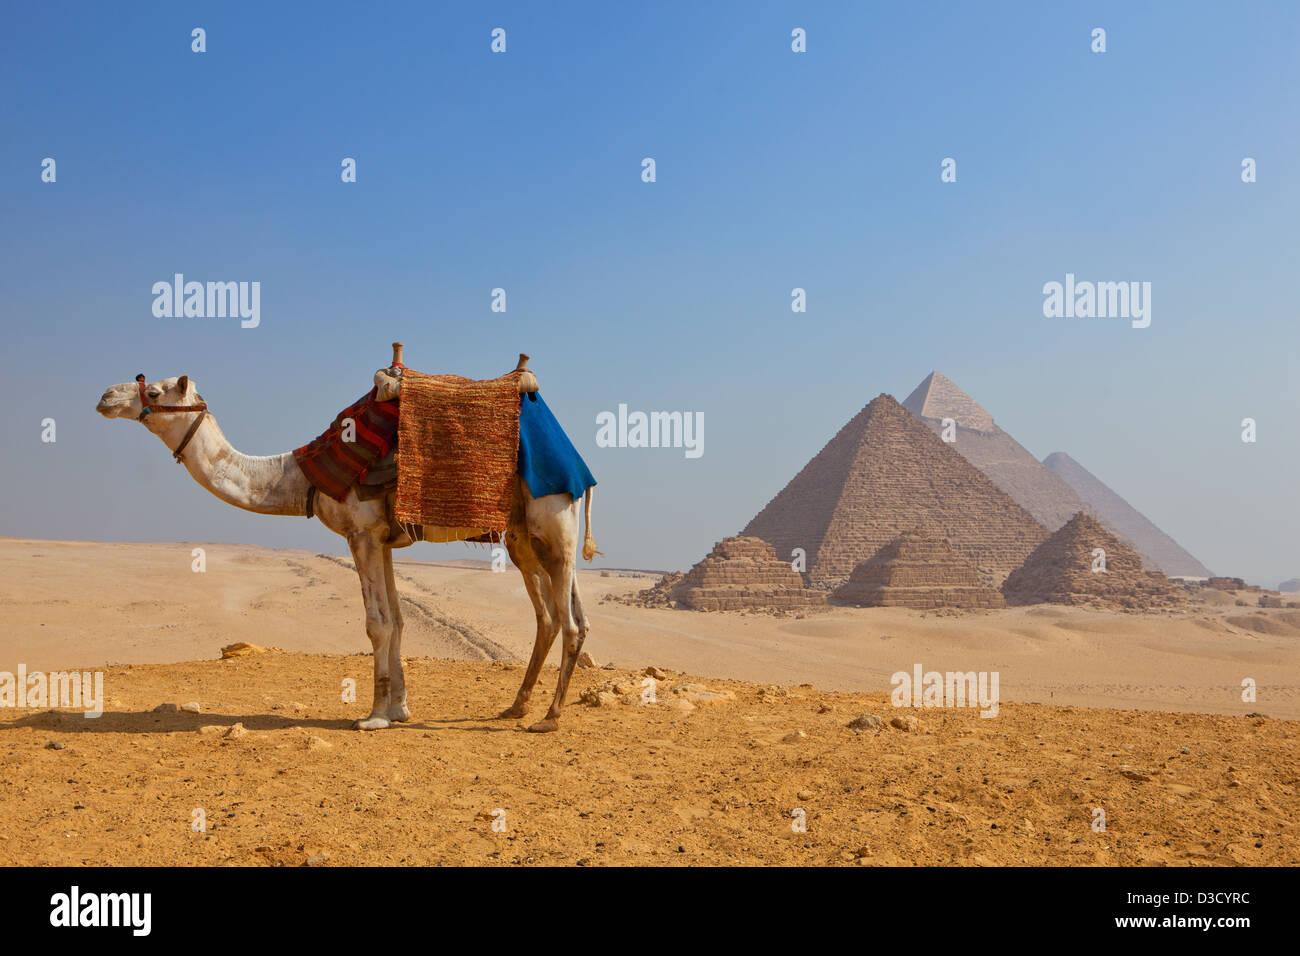 Pirámides de Giza en El Cairo, Egipto Imagen De Stock